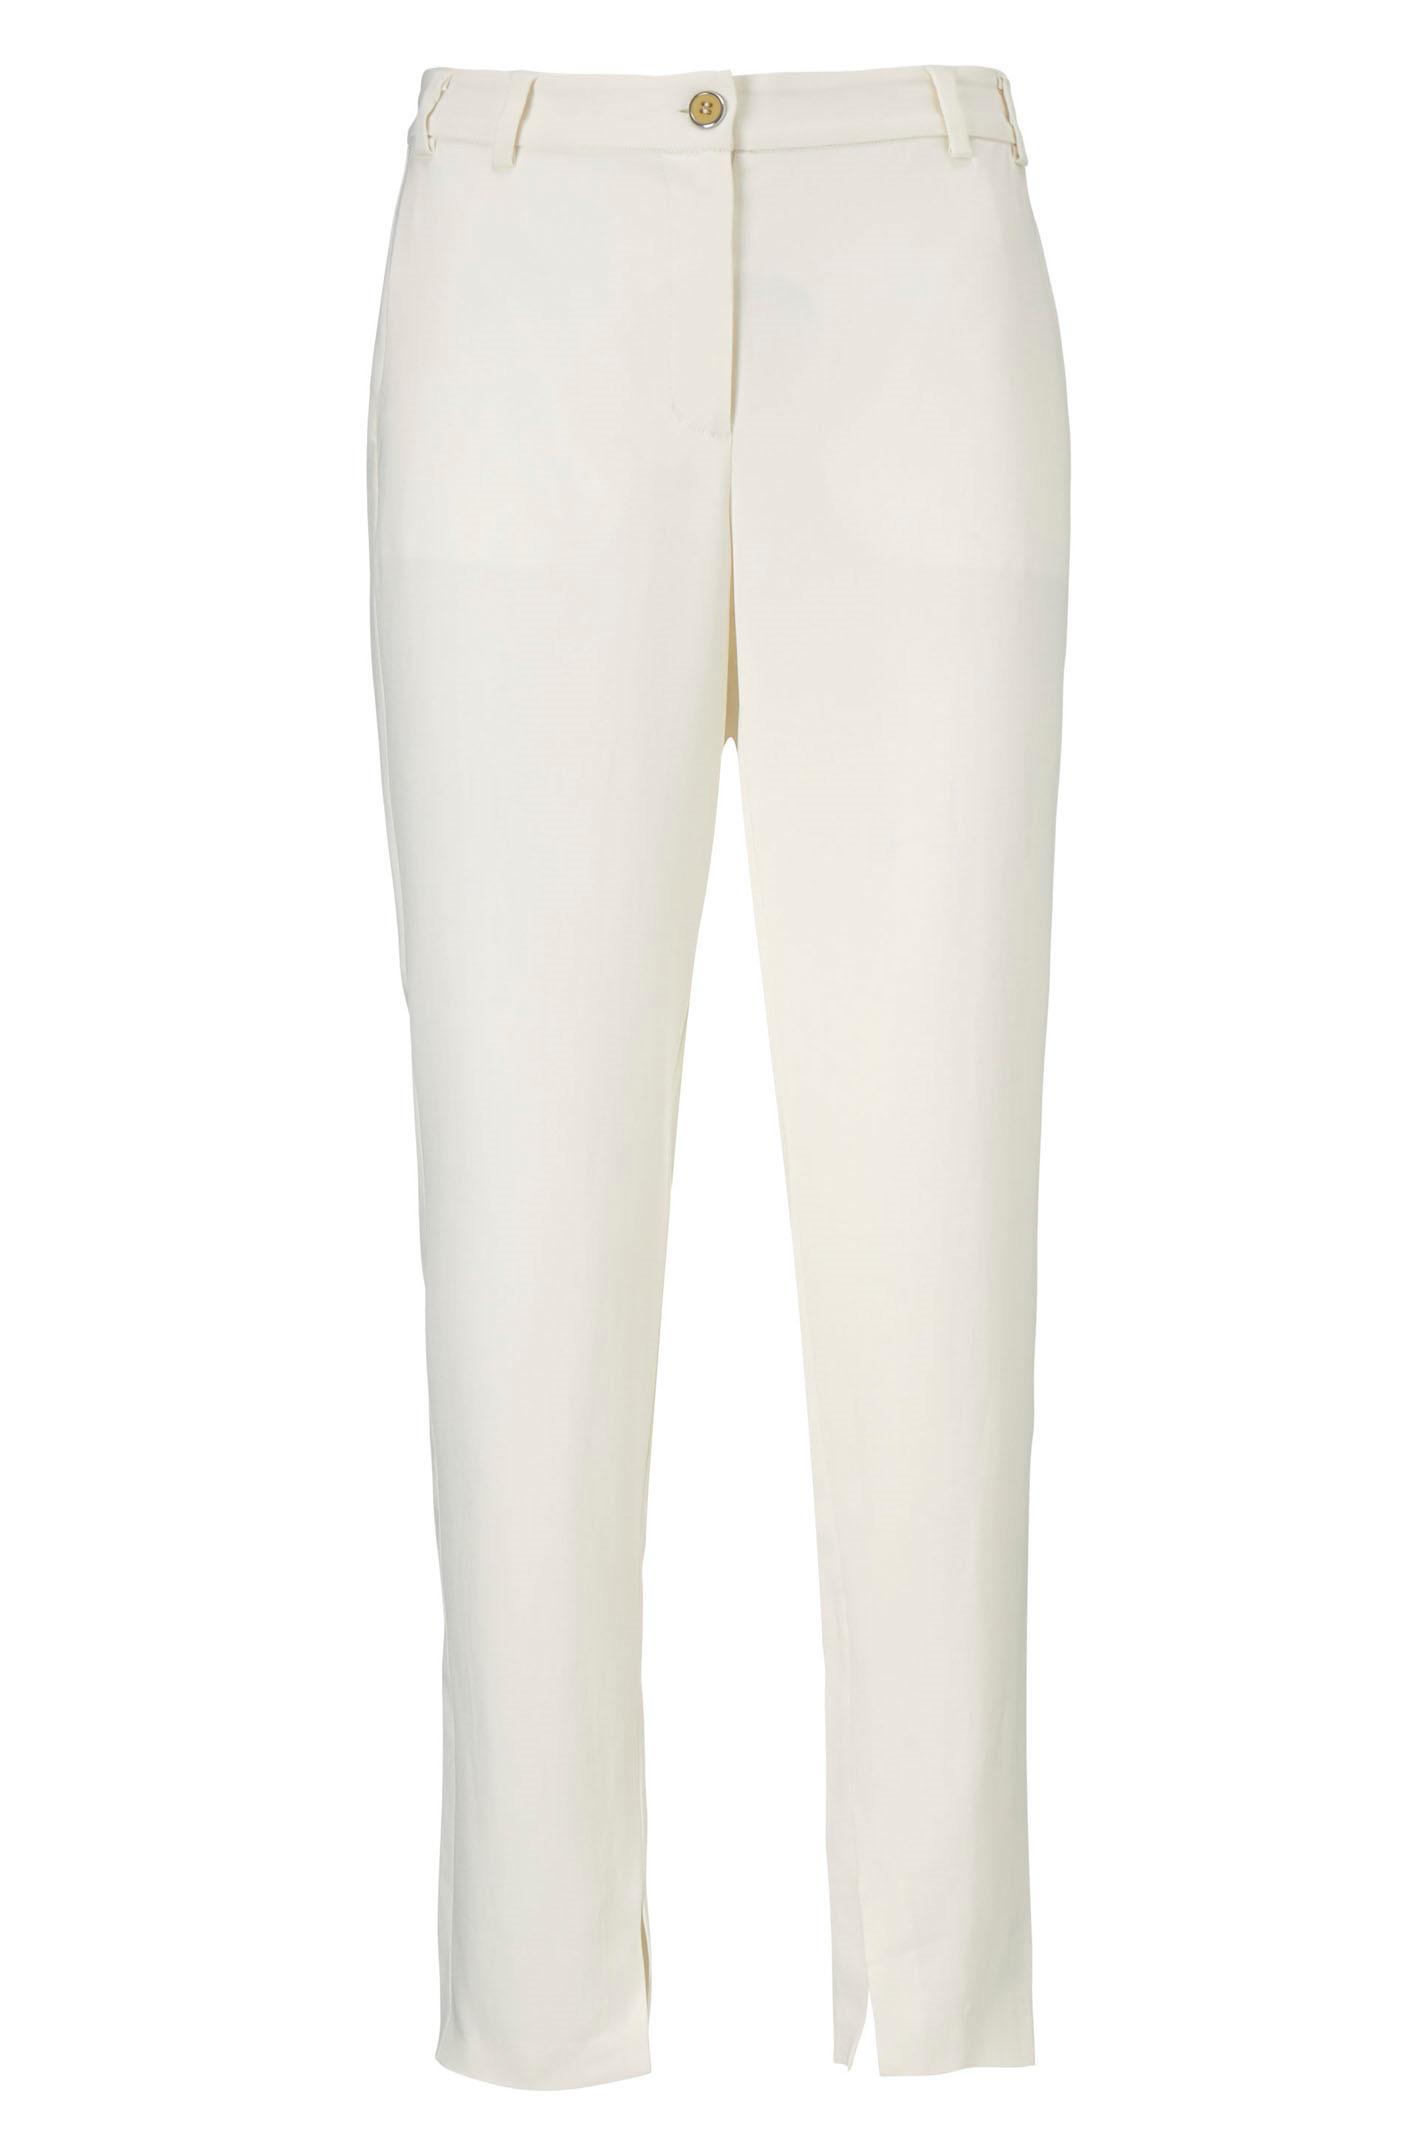 f503e906 Bukser til kvinder - Shop et stort udvalg af damebukser online her